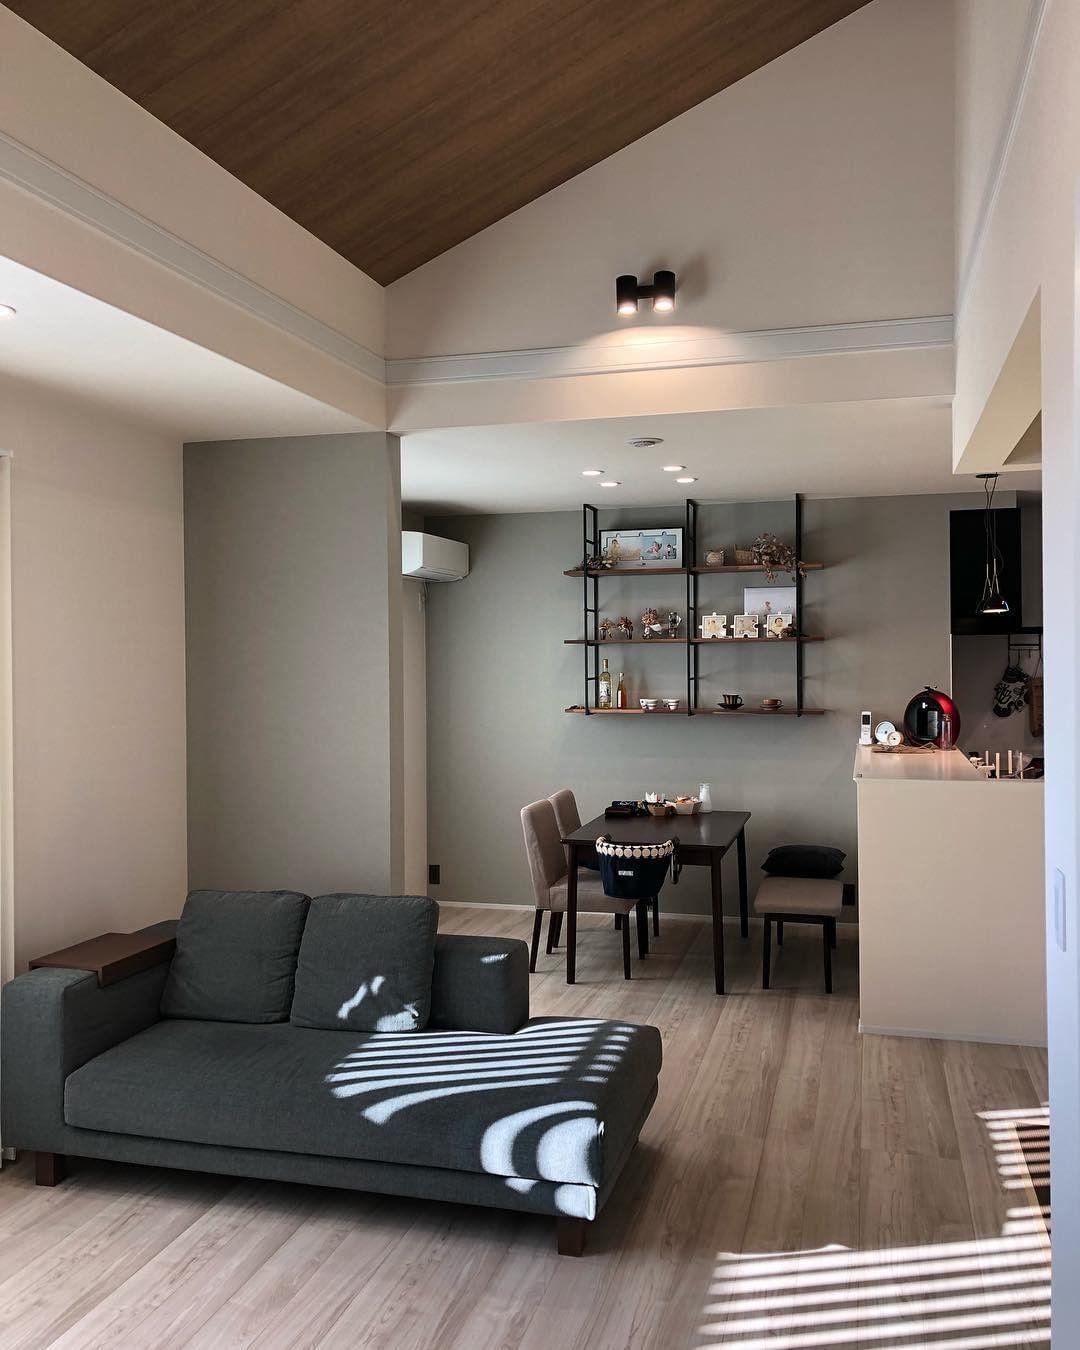 シンプルホーム公式アカウント On Instagram 木目の勾配天井が 開放